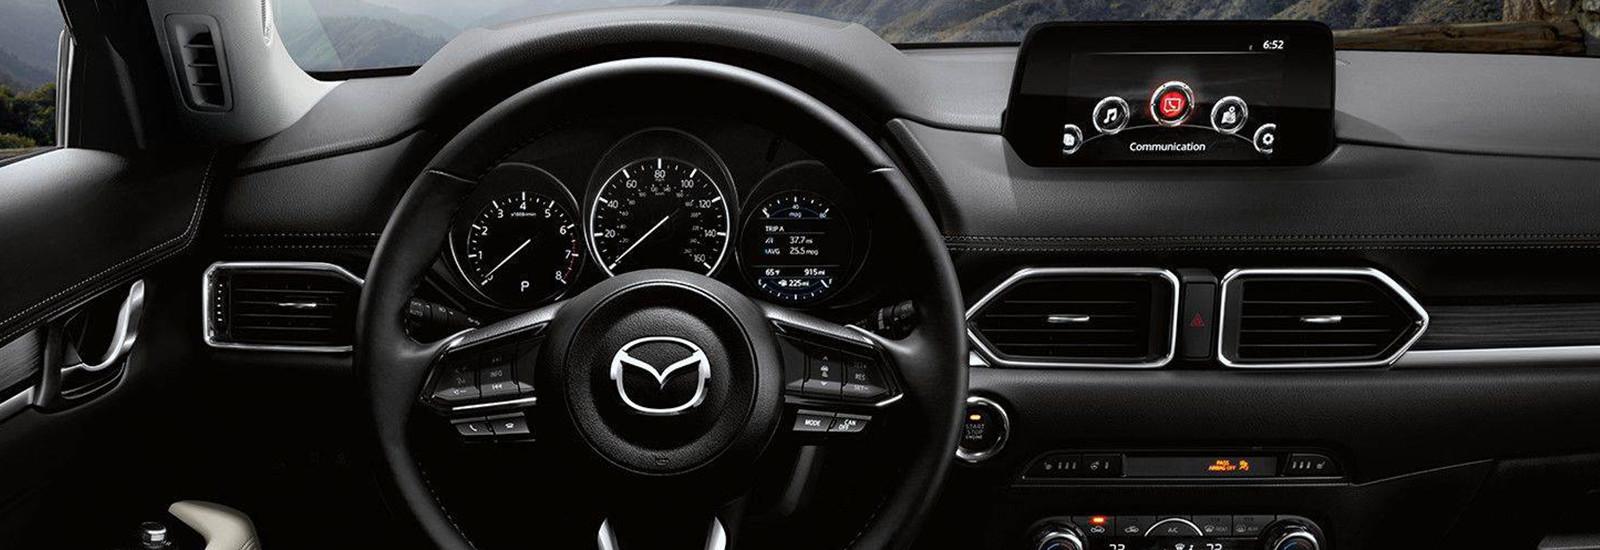 Mazda Annapolis